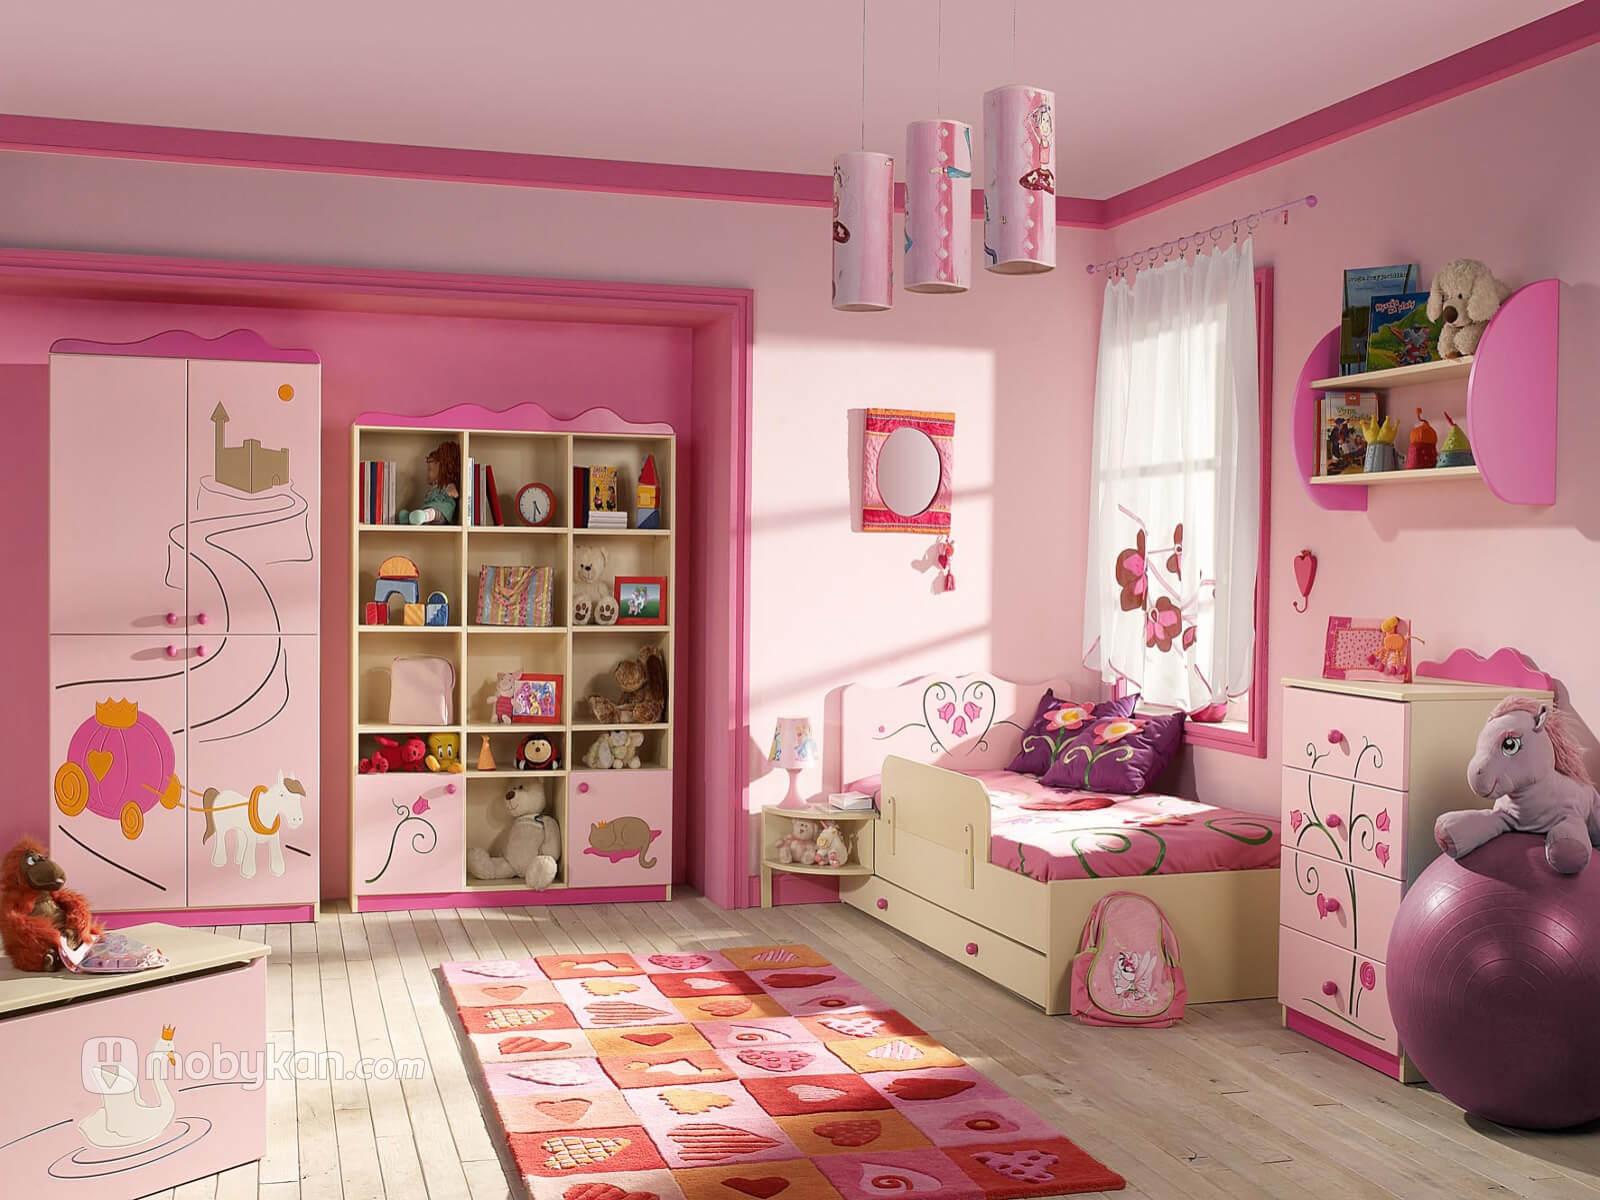 بالصور ديكورات غرف نوم اطفال , معايير ونماذج يحتاجها طفلك فى غرفته 1799 8